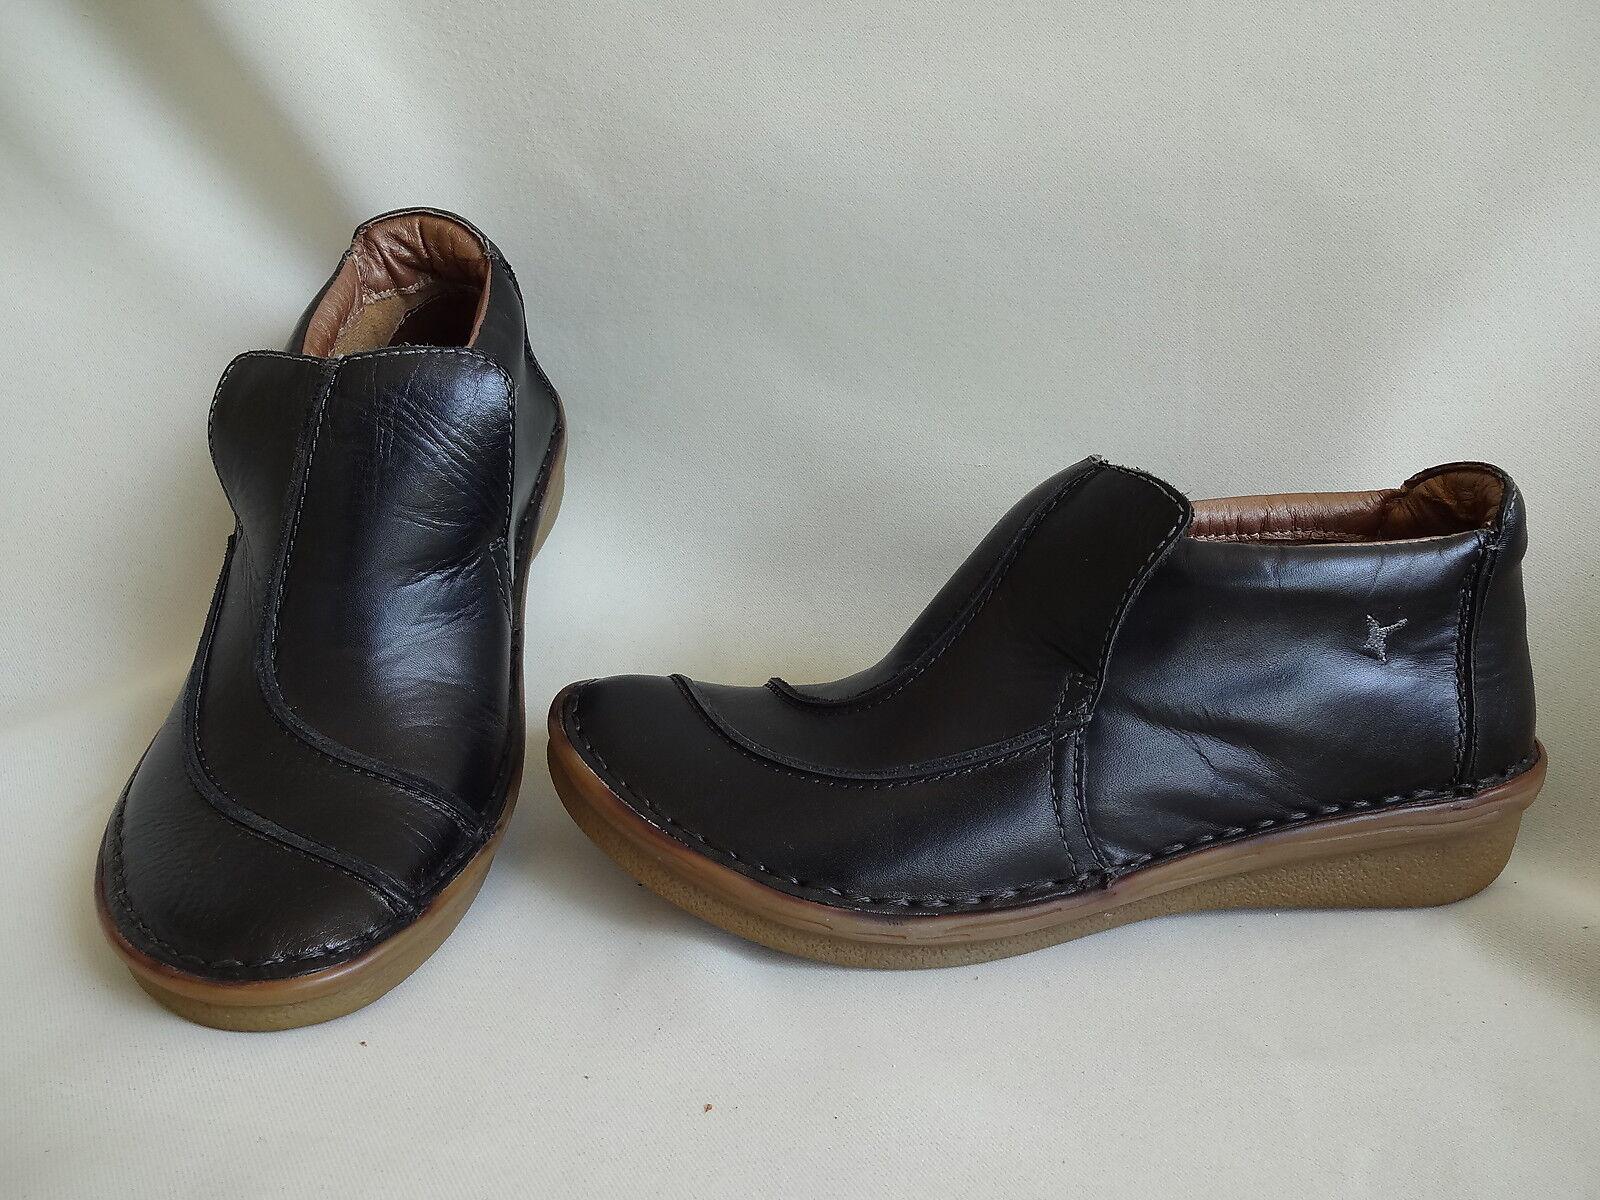 PIKOLINOS PIKOLINOS PIKOLINOS CHAUSSURE CONFORT DERBY DERBIE FEMME FILLE CUIR negro WOMAN zapatos pt 35  venta mundialmente famosa en línea